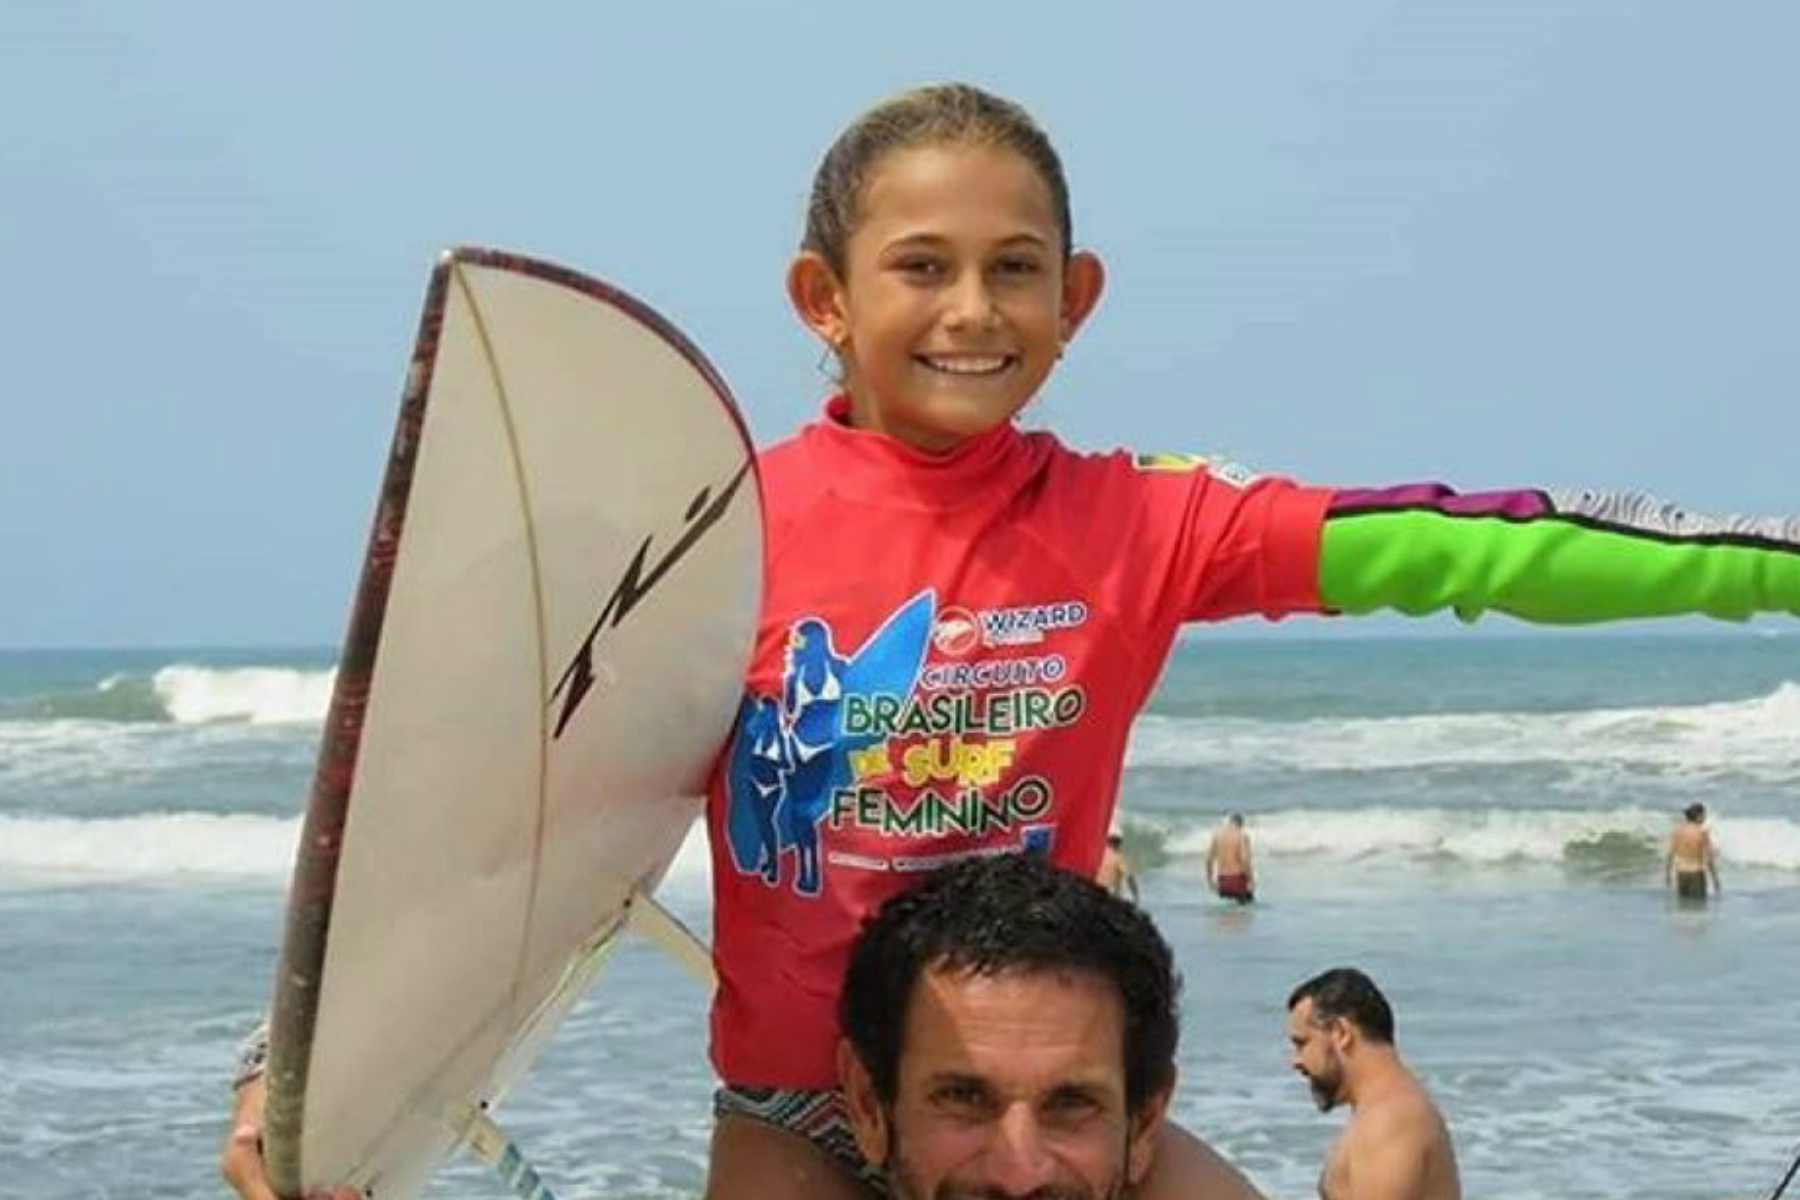 Peruana de 10 años vuelve a triunfar en circuito brasileño de surf